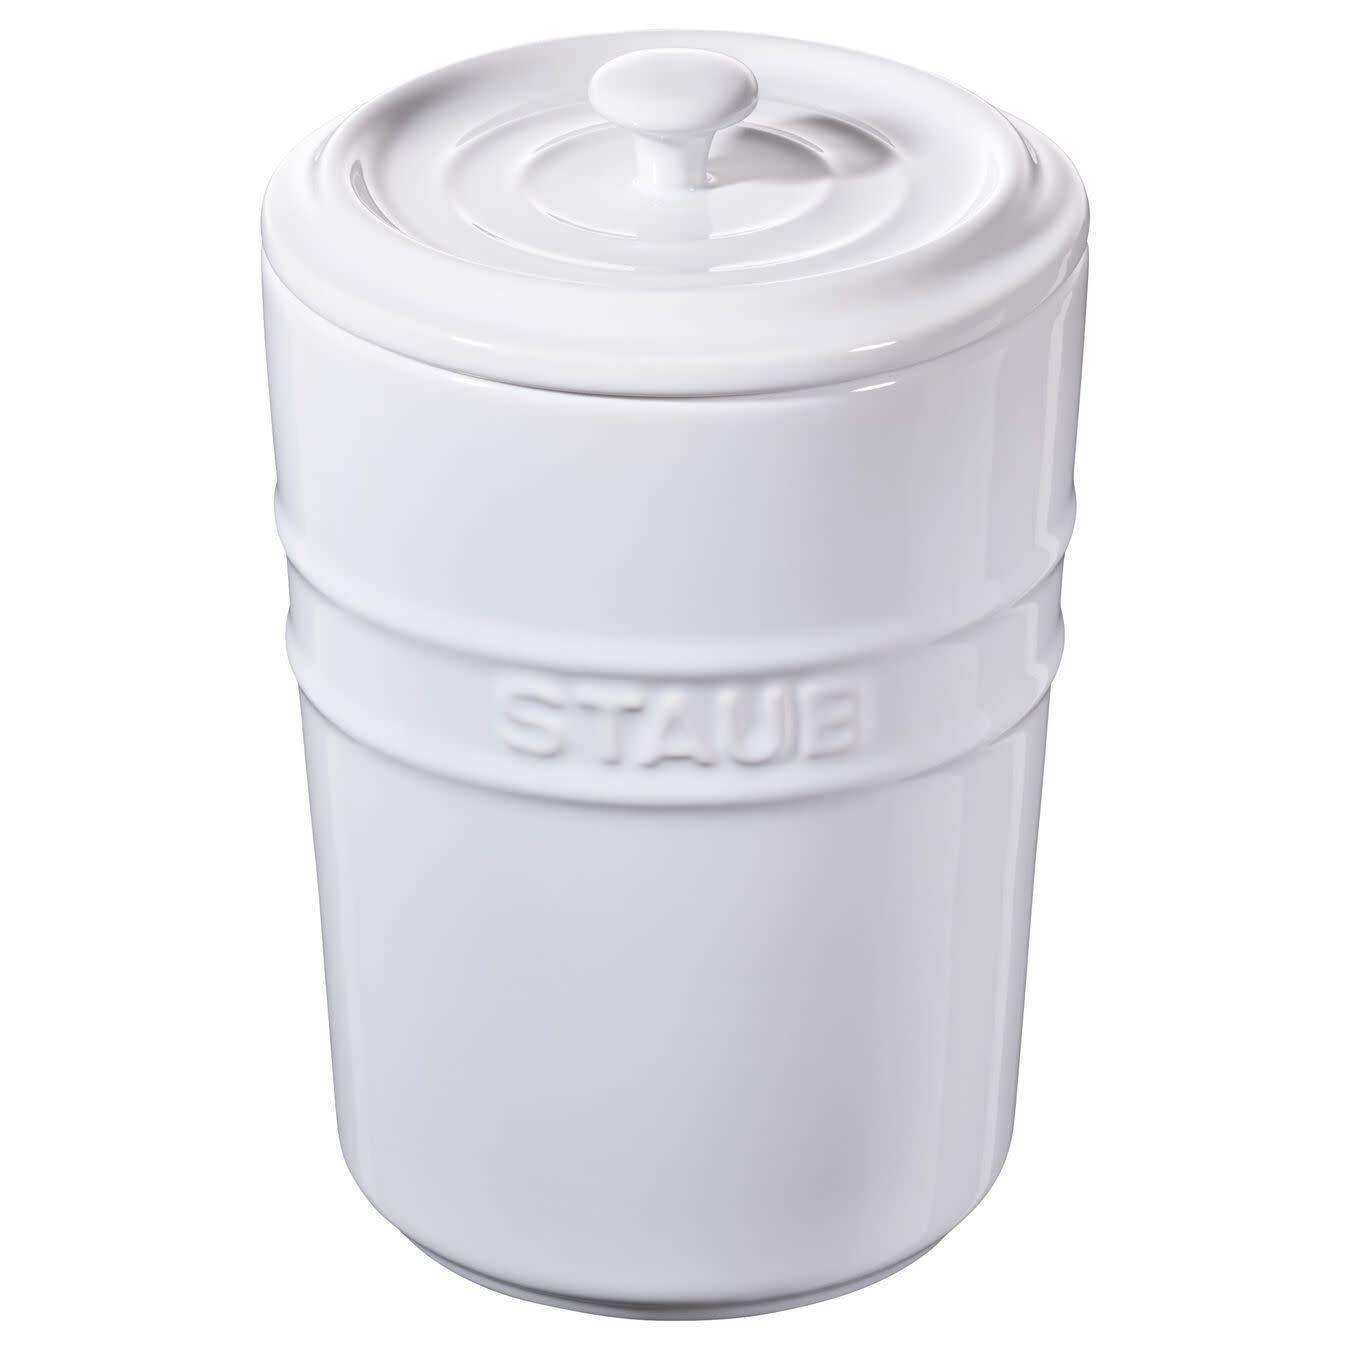 Staub Storage Pot 1.0L White